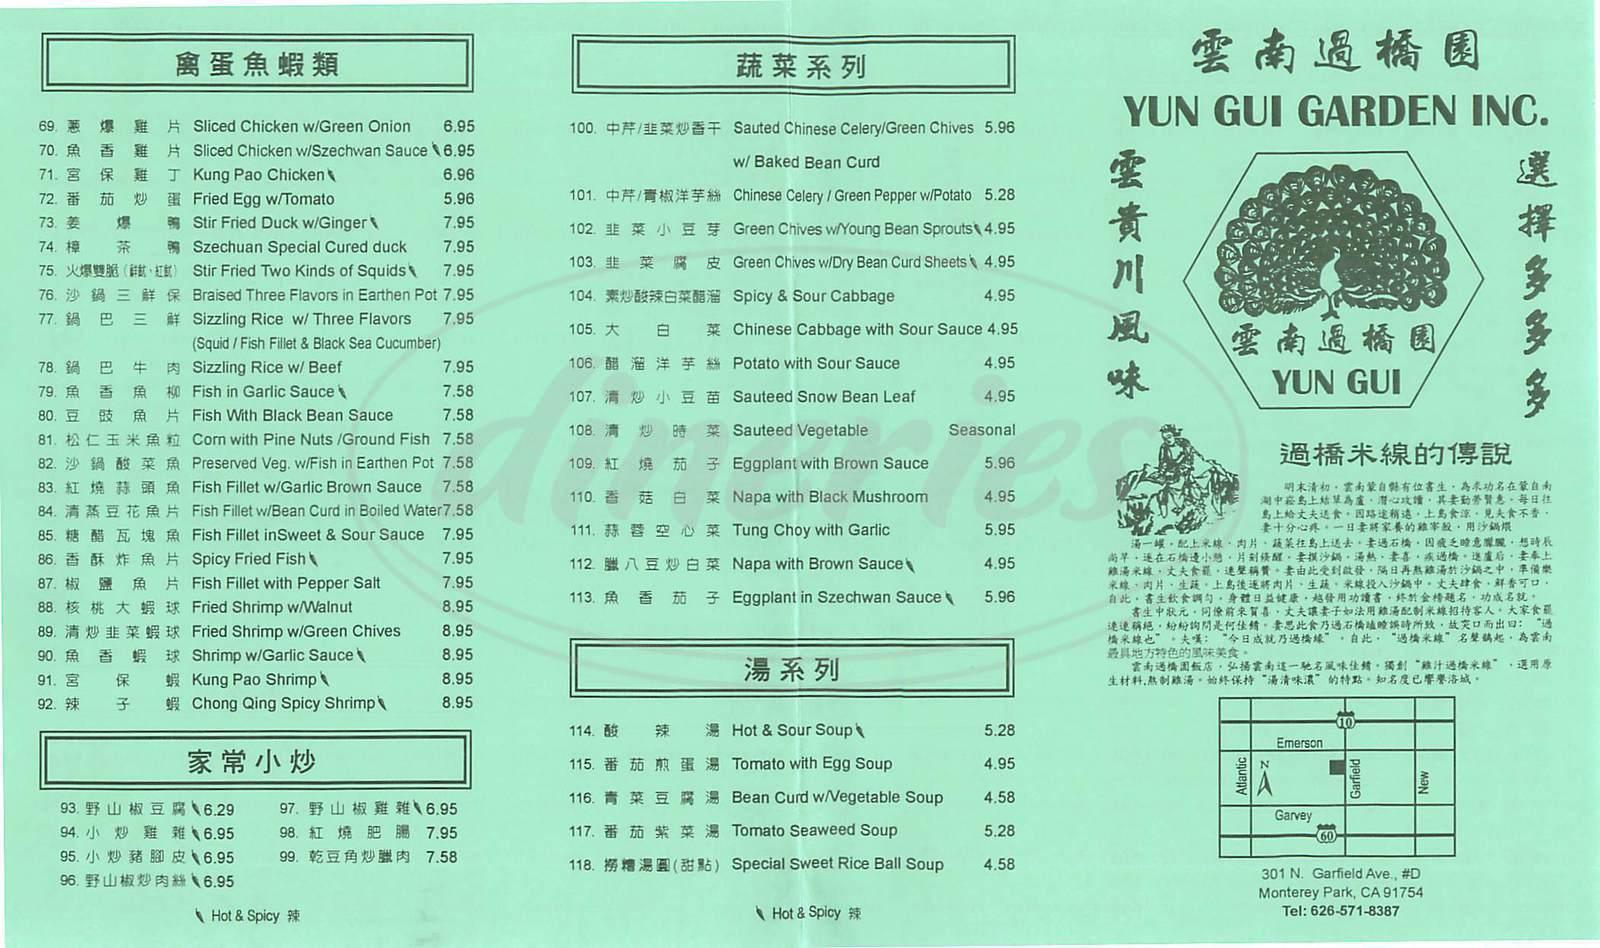 menu for Yun Gui Garden